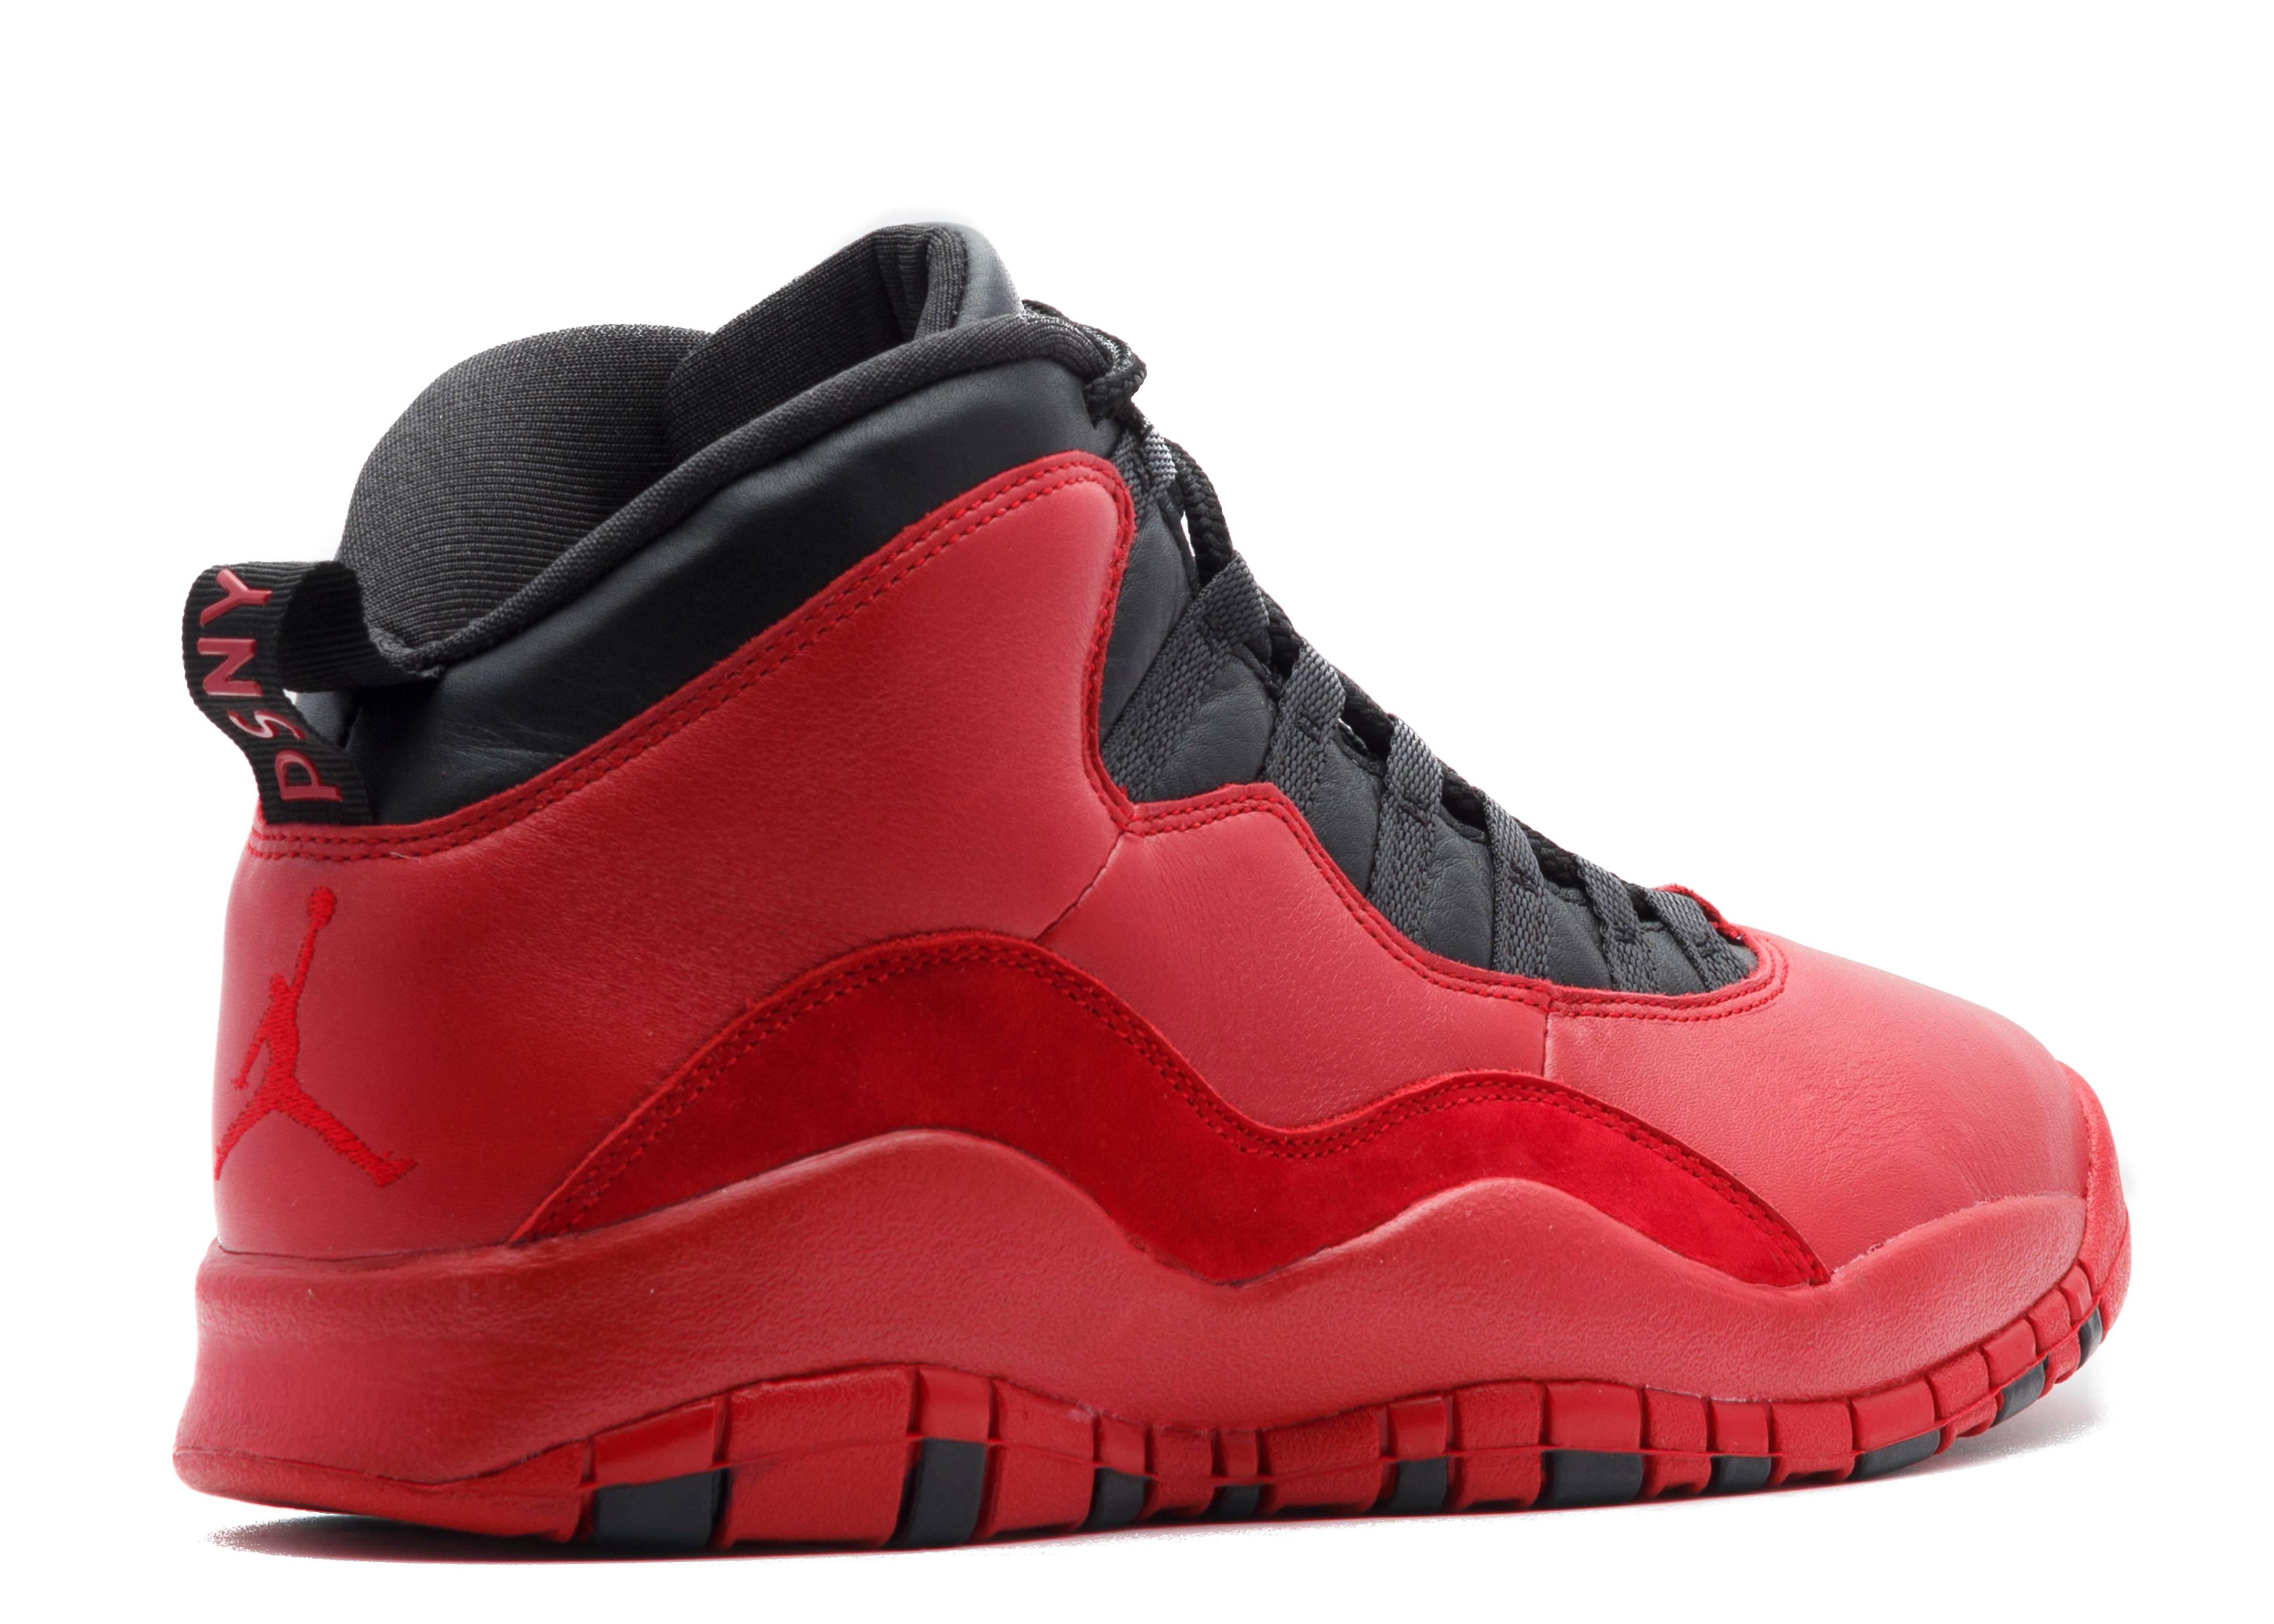 44da8543562b61 Air Jordan 10 Retro